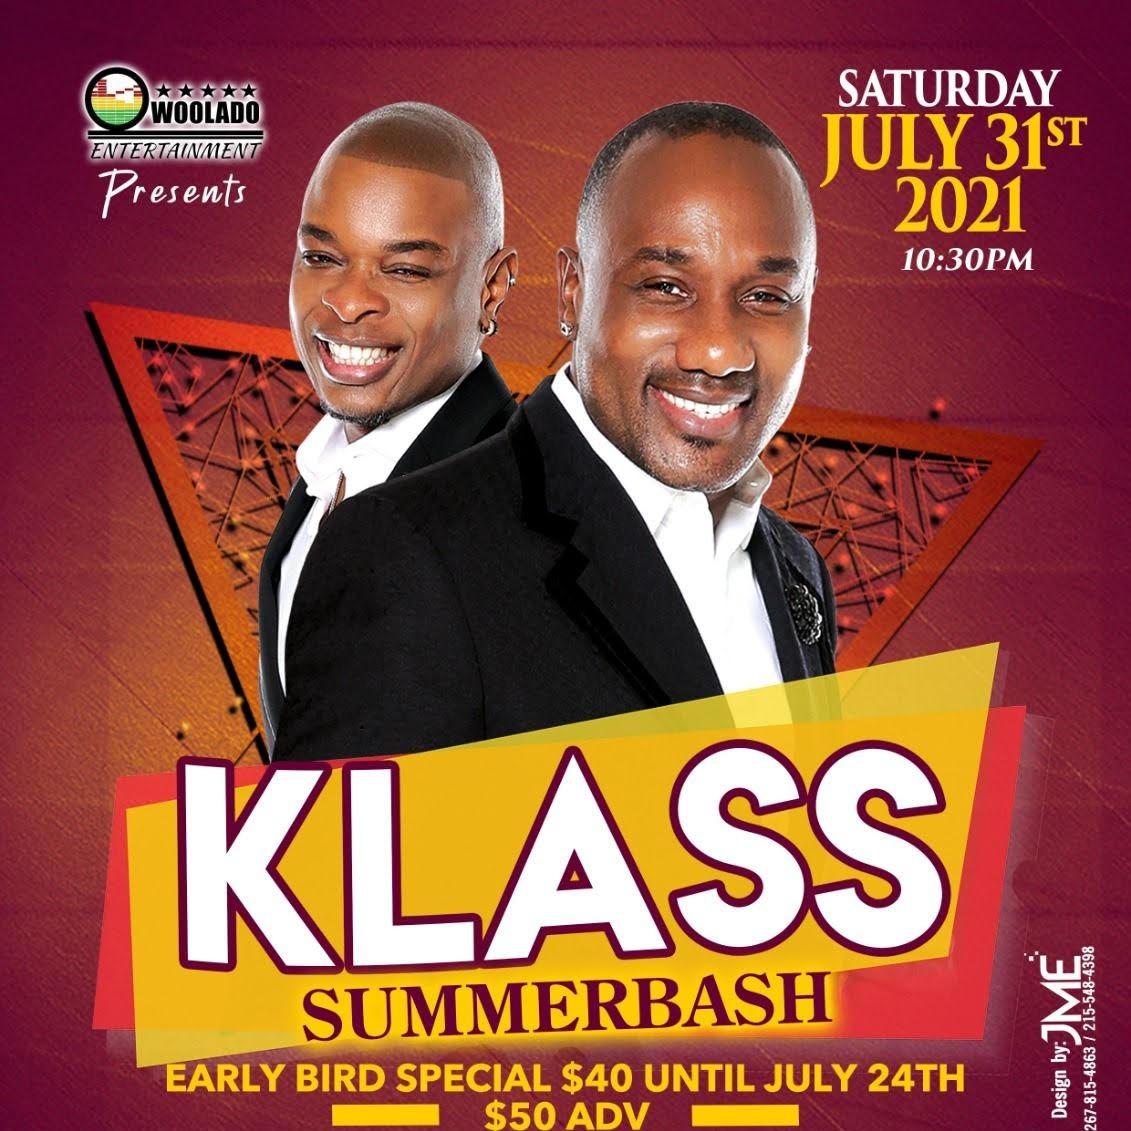 KLASS SUMMERBASH